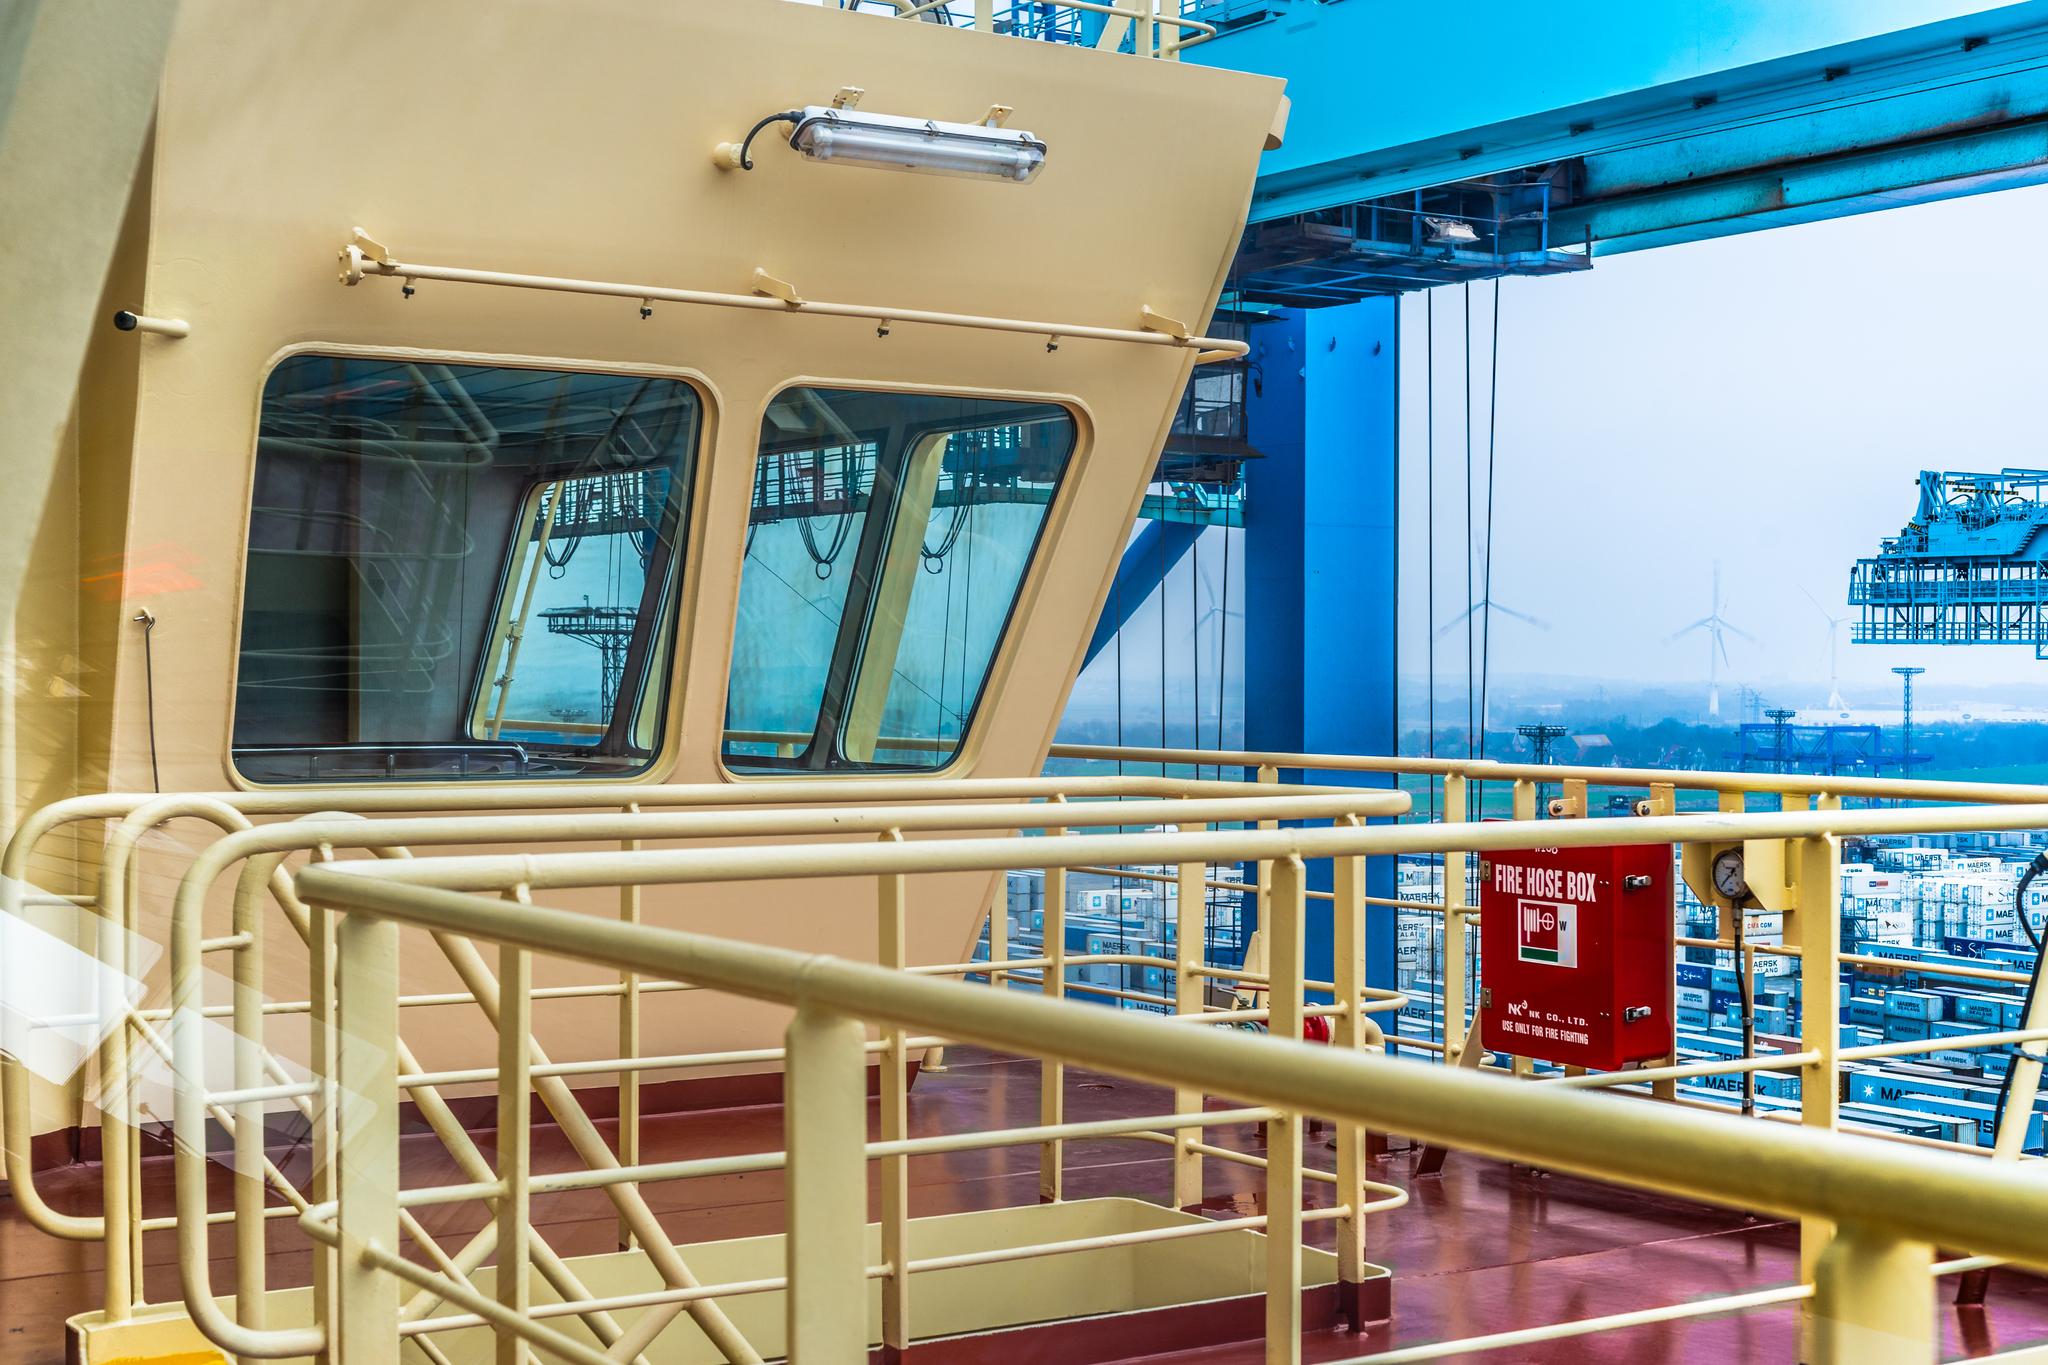 Widok z mostka Mayview Maersk na terminal kontenerowy NTB w Bremerhaven (fot. Robert Urbaniak)